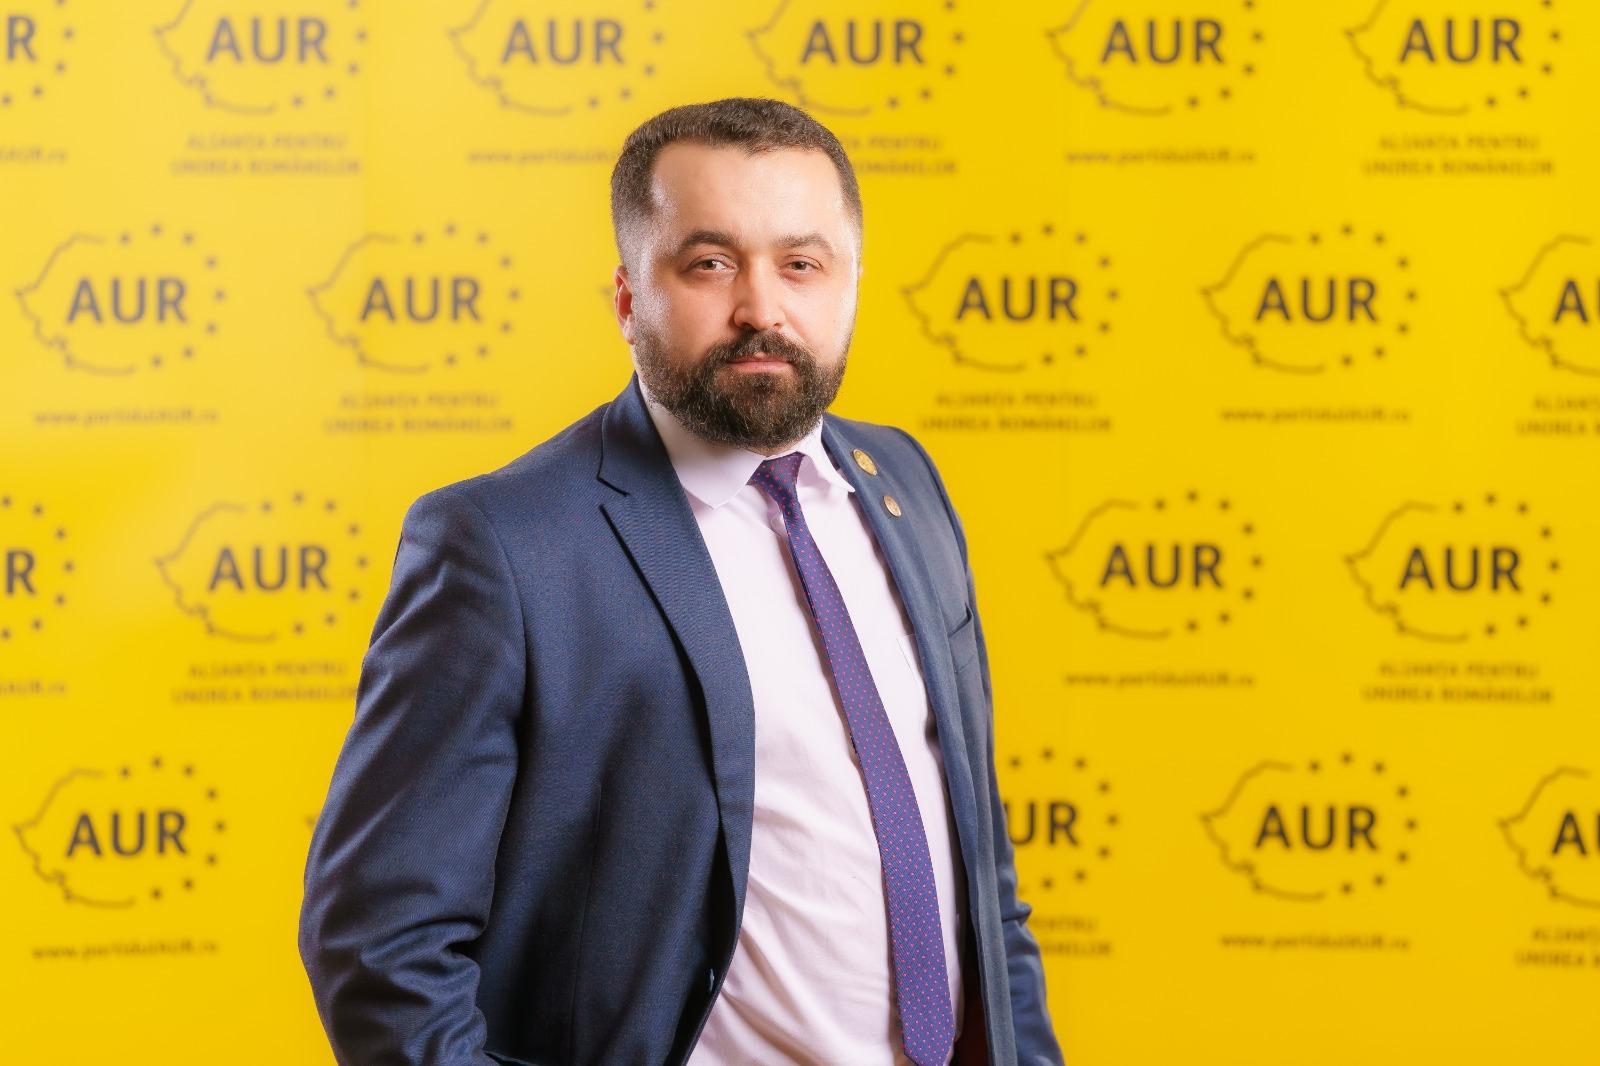 EXCLUSIV. Ciprian Ciubuc: Se prefigurează o nouă ALIANȚĂ USL 2!!! Celebra alianță, alianța veche a hoților grei!